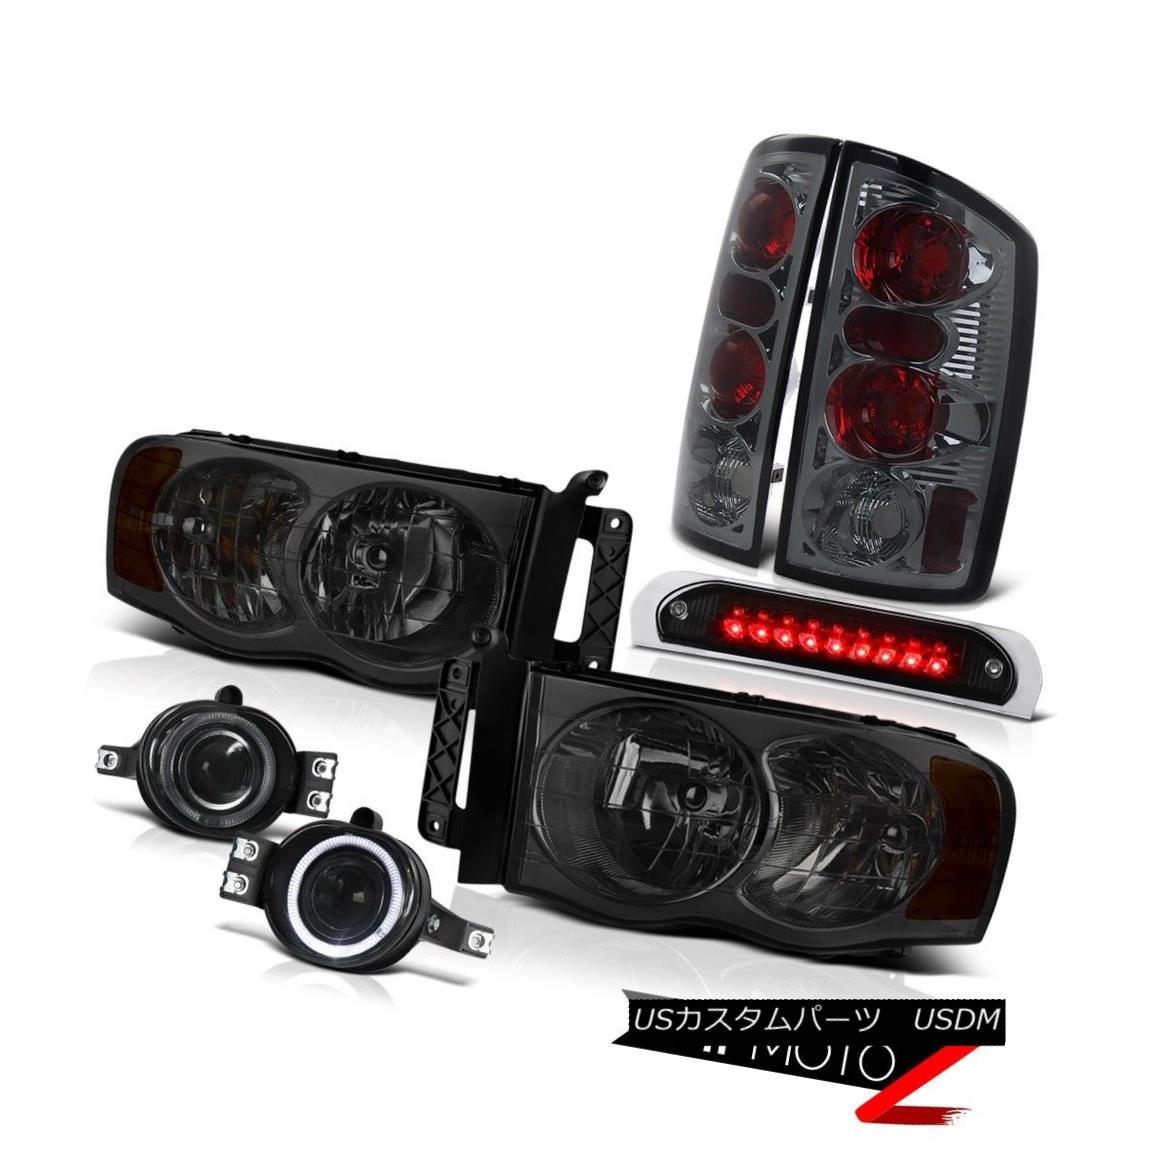 ヘッドライト 02 03 04 05 Ram V8 Smoke Tinted Headlamps Altezza Tail Lamps Fog Third Brake LED 02 03 04 05 Ram V8煙がかかったヘッドランプAltezzaテールランプ霧第3ブレーキLED